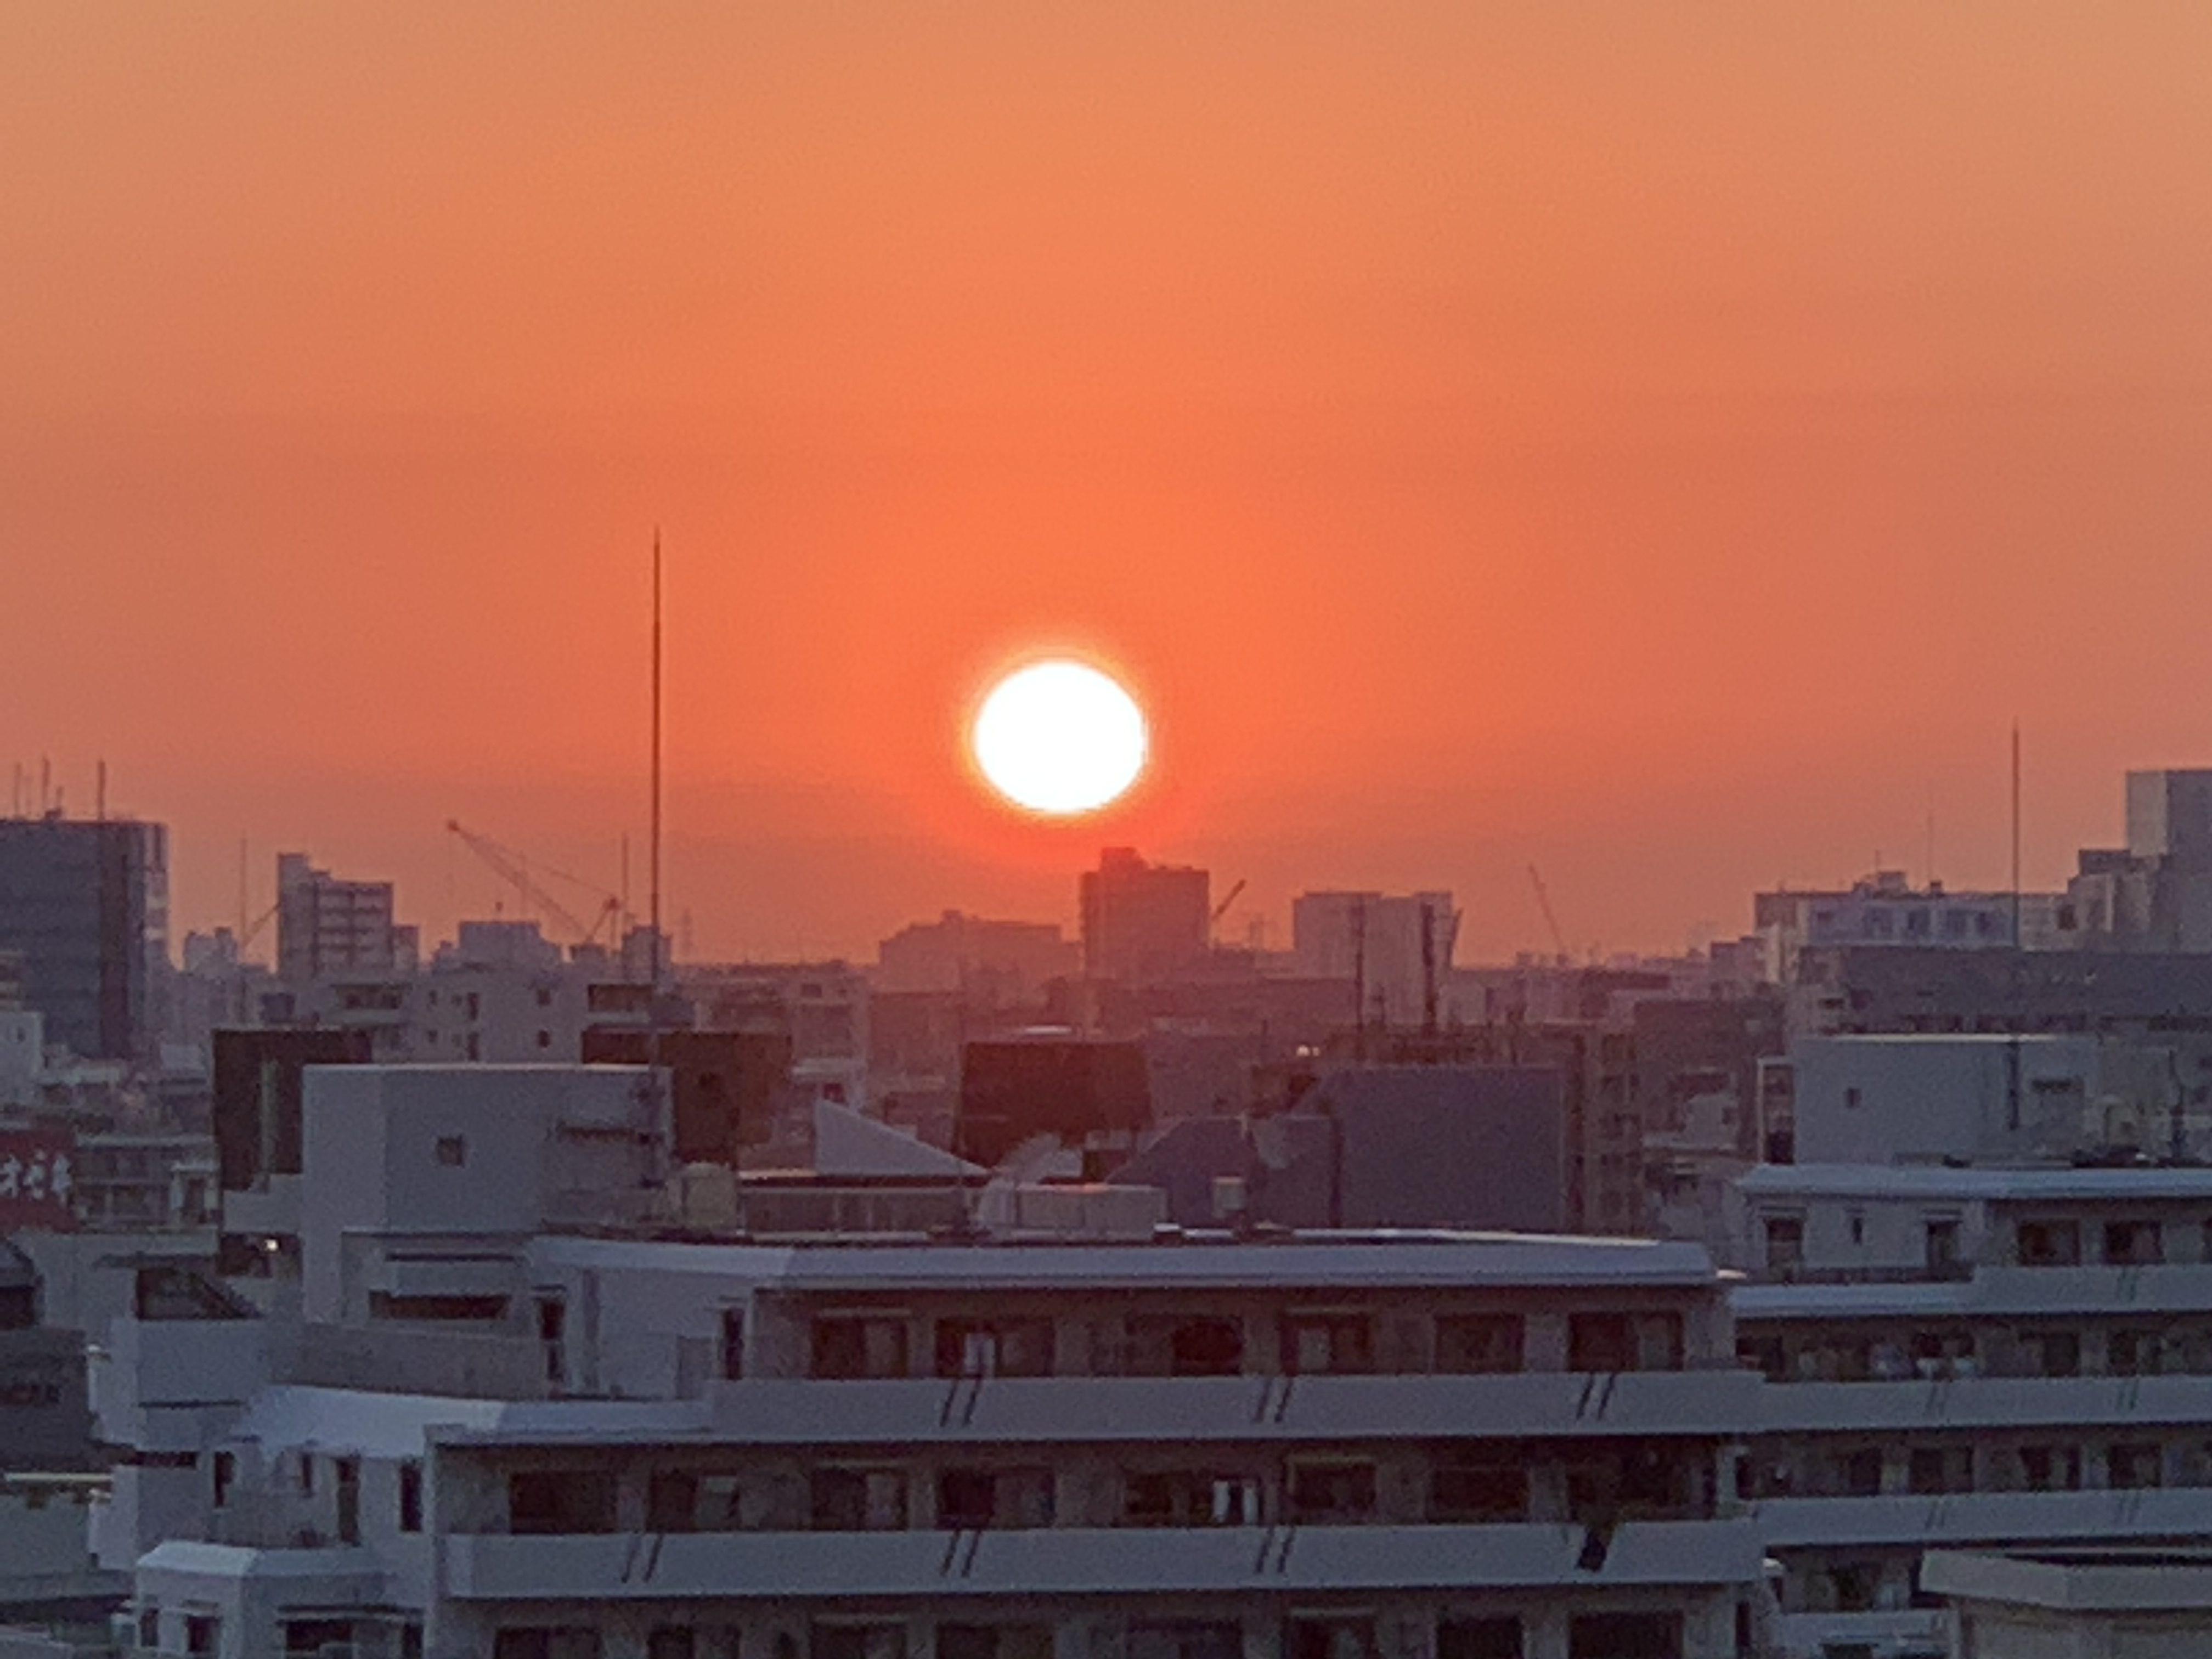 オレンジ色の夜明け「しなやかに・たおやかに」